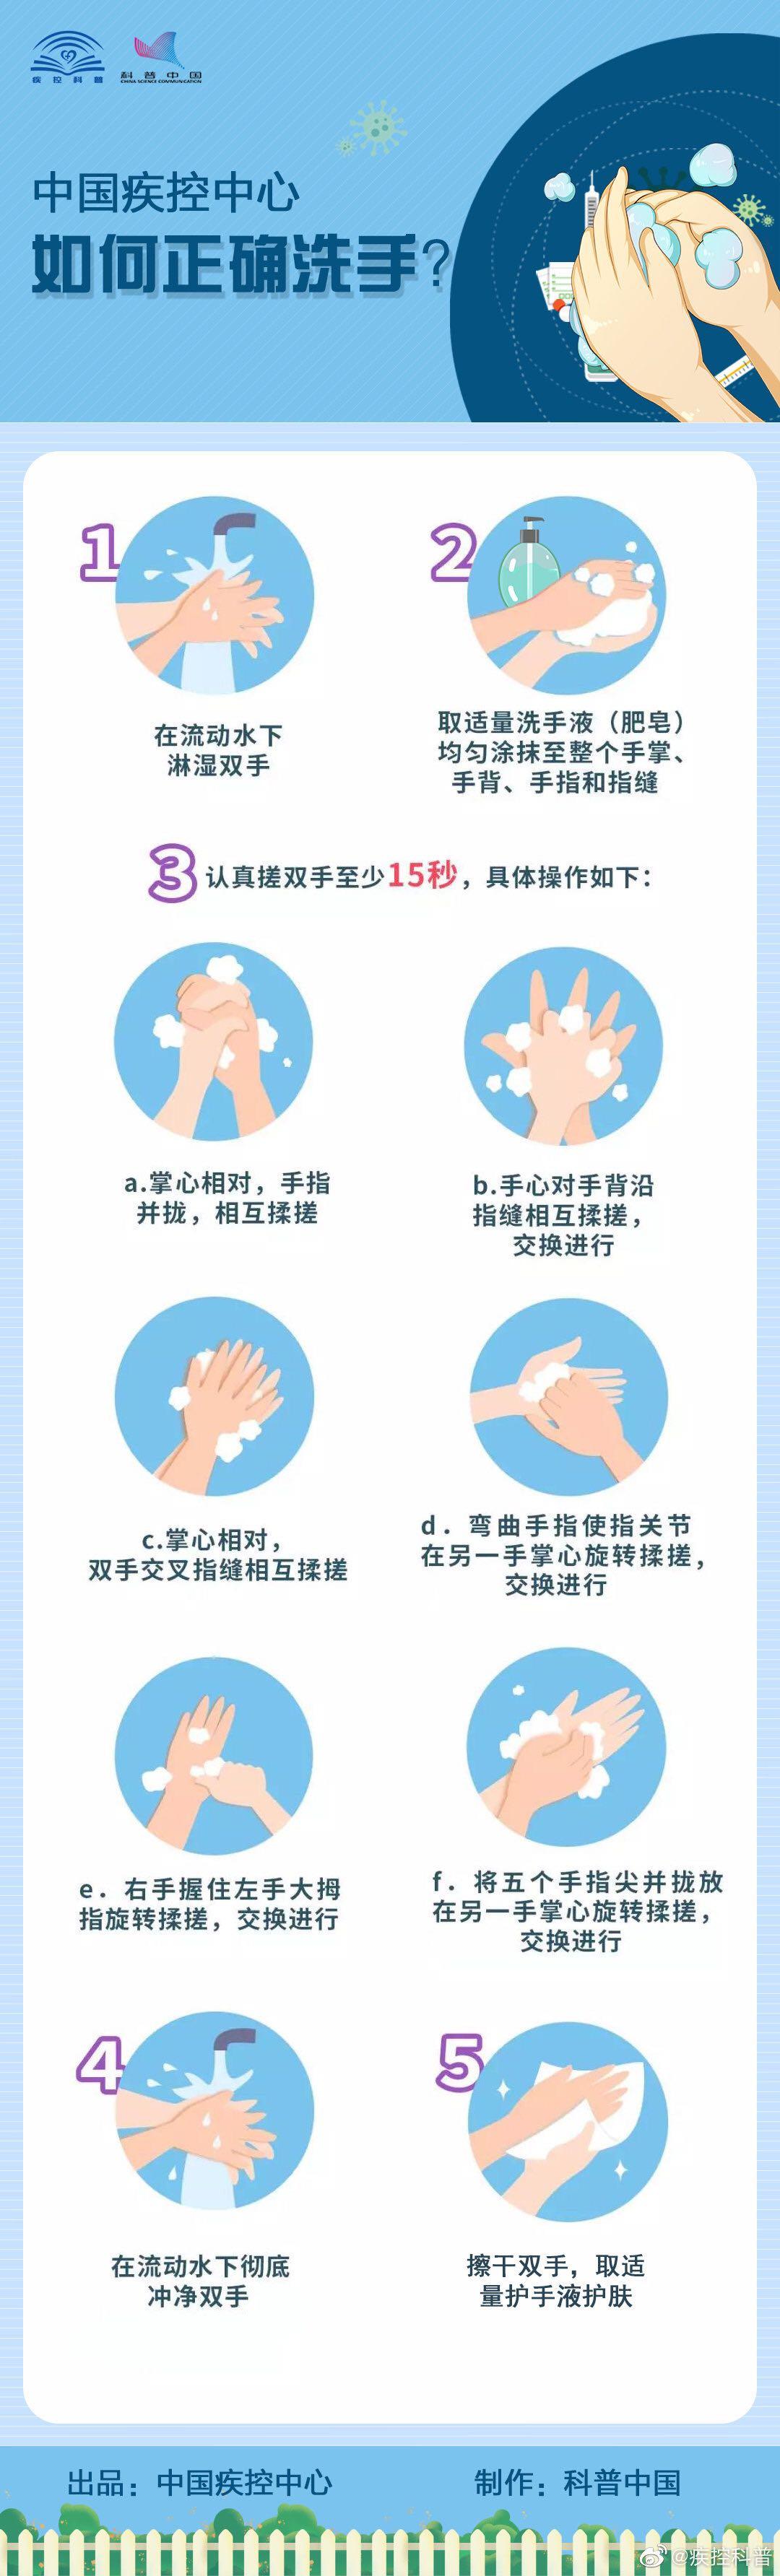 科普:中国疾控中心--如何正确洗手?